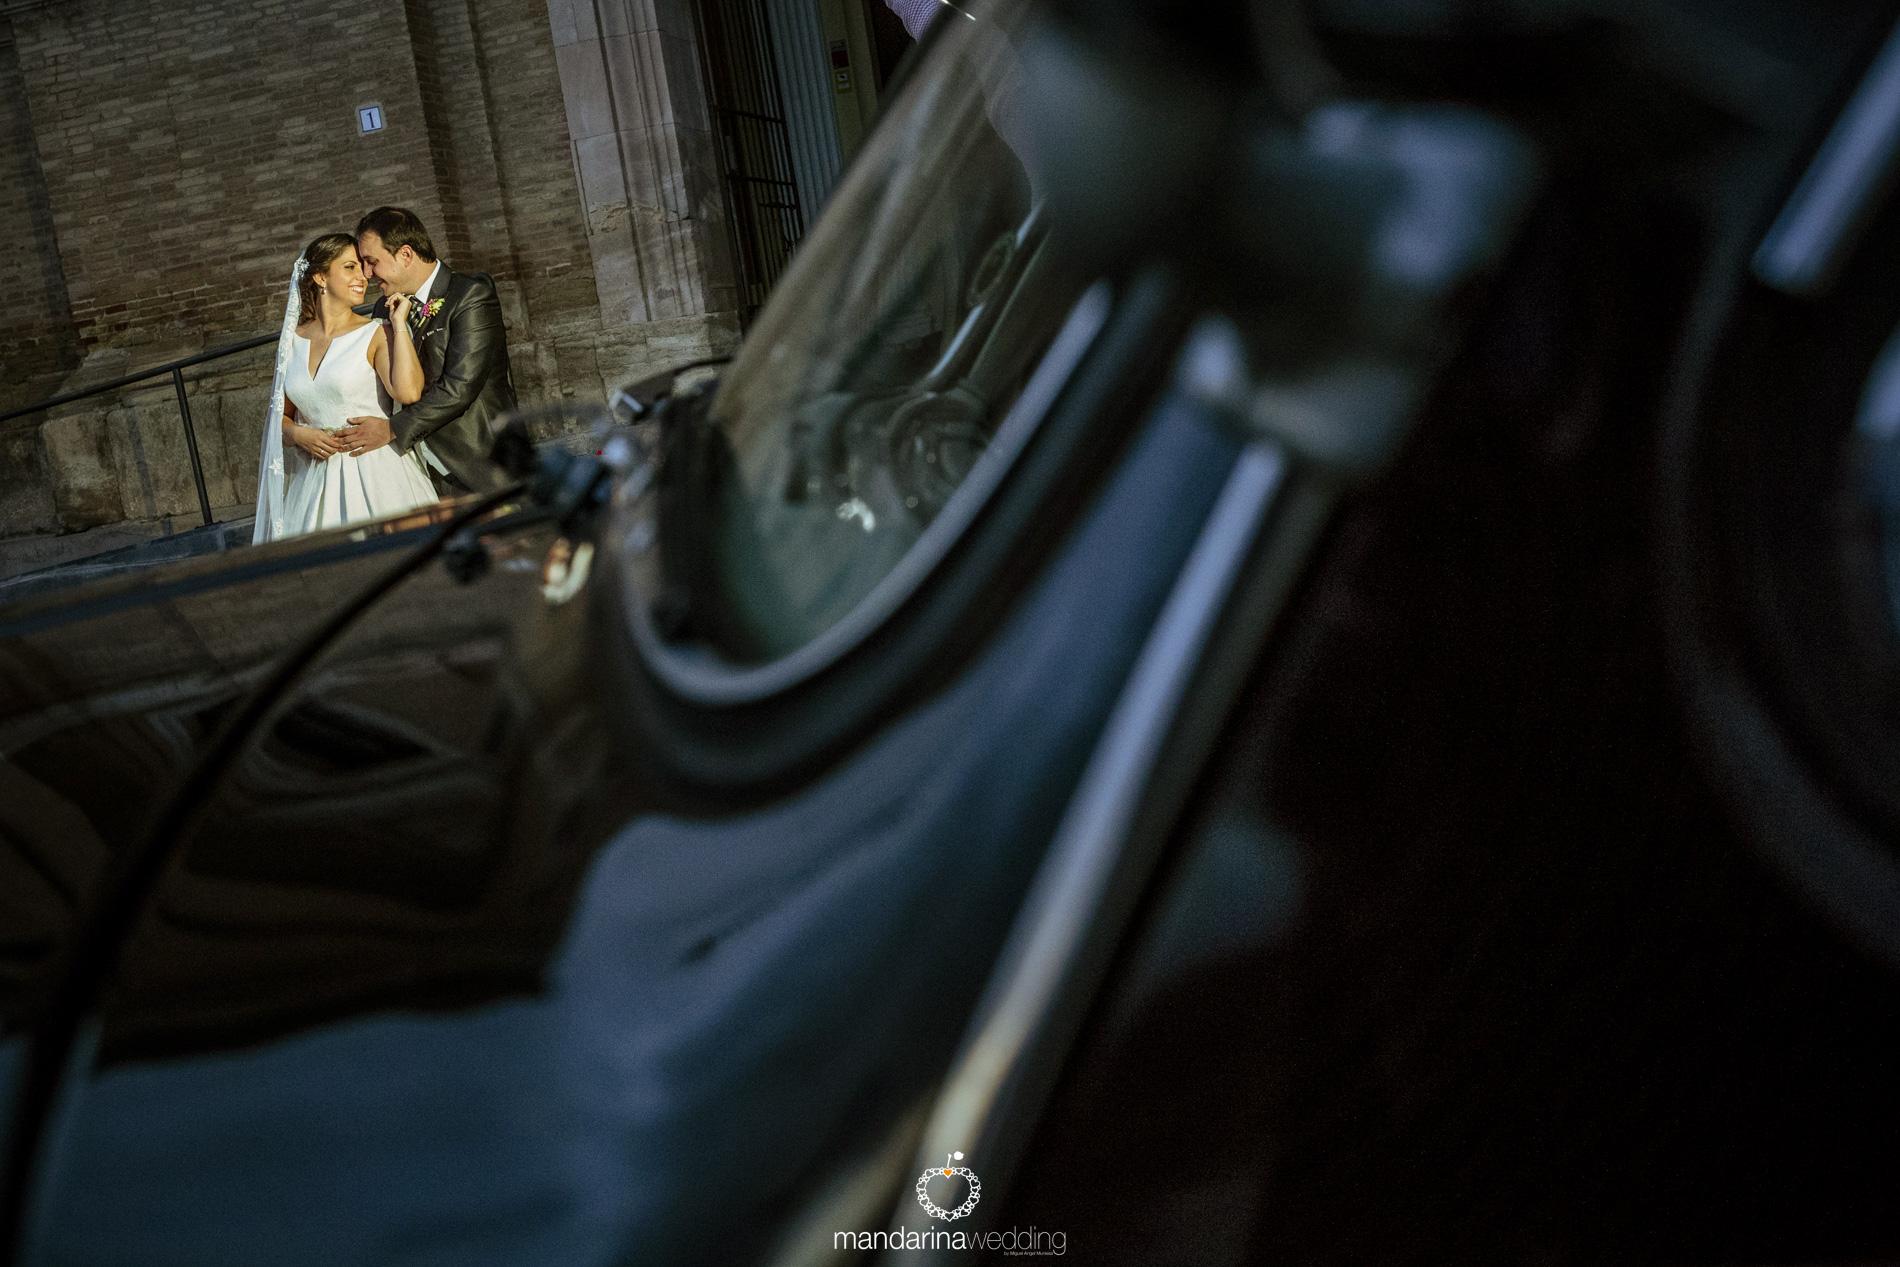 mandarina wedding, fotografo de boda, fotografo boda soria, fotografo boda barcelona, fotografo boda Madrid, fotografo boda lerida, fotografo boda Huesca, fotografo de destino_001